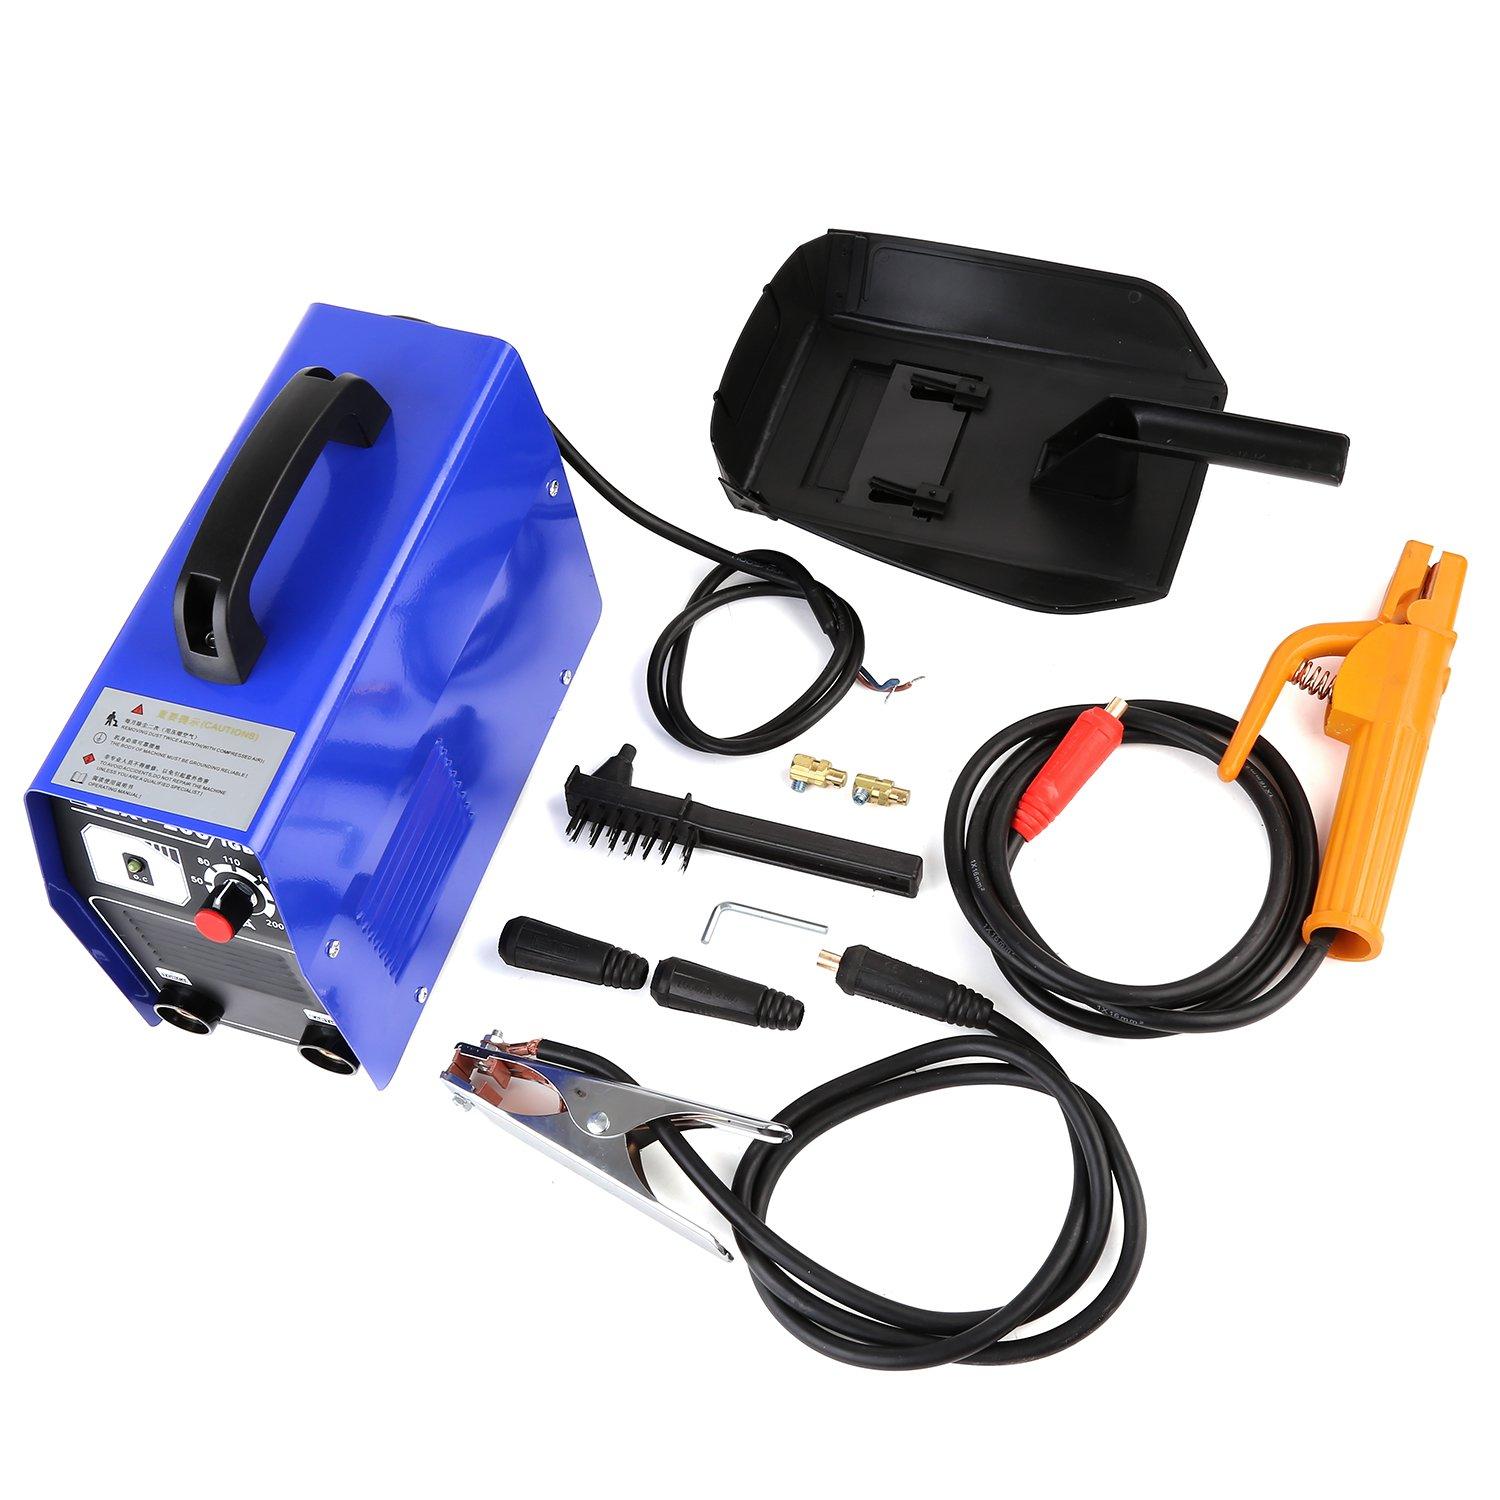 MVPOWER 200A Inverter Schweiß gerä t -2.5mm Elektrodenschweiß gerä t MMA Profi Elektroden Schweiß maschine mit Einschaltdauer 100% bei 160A